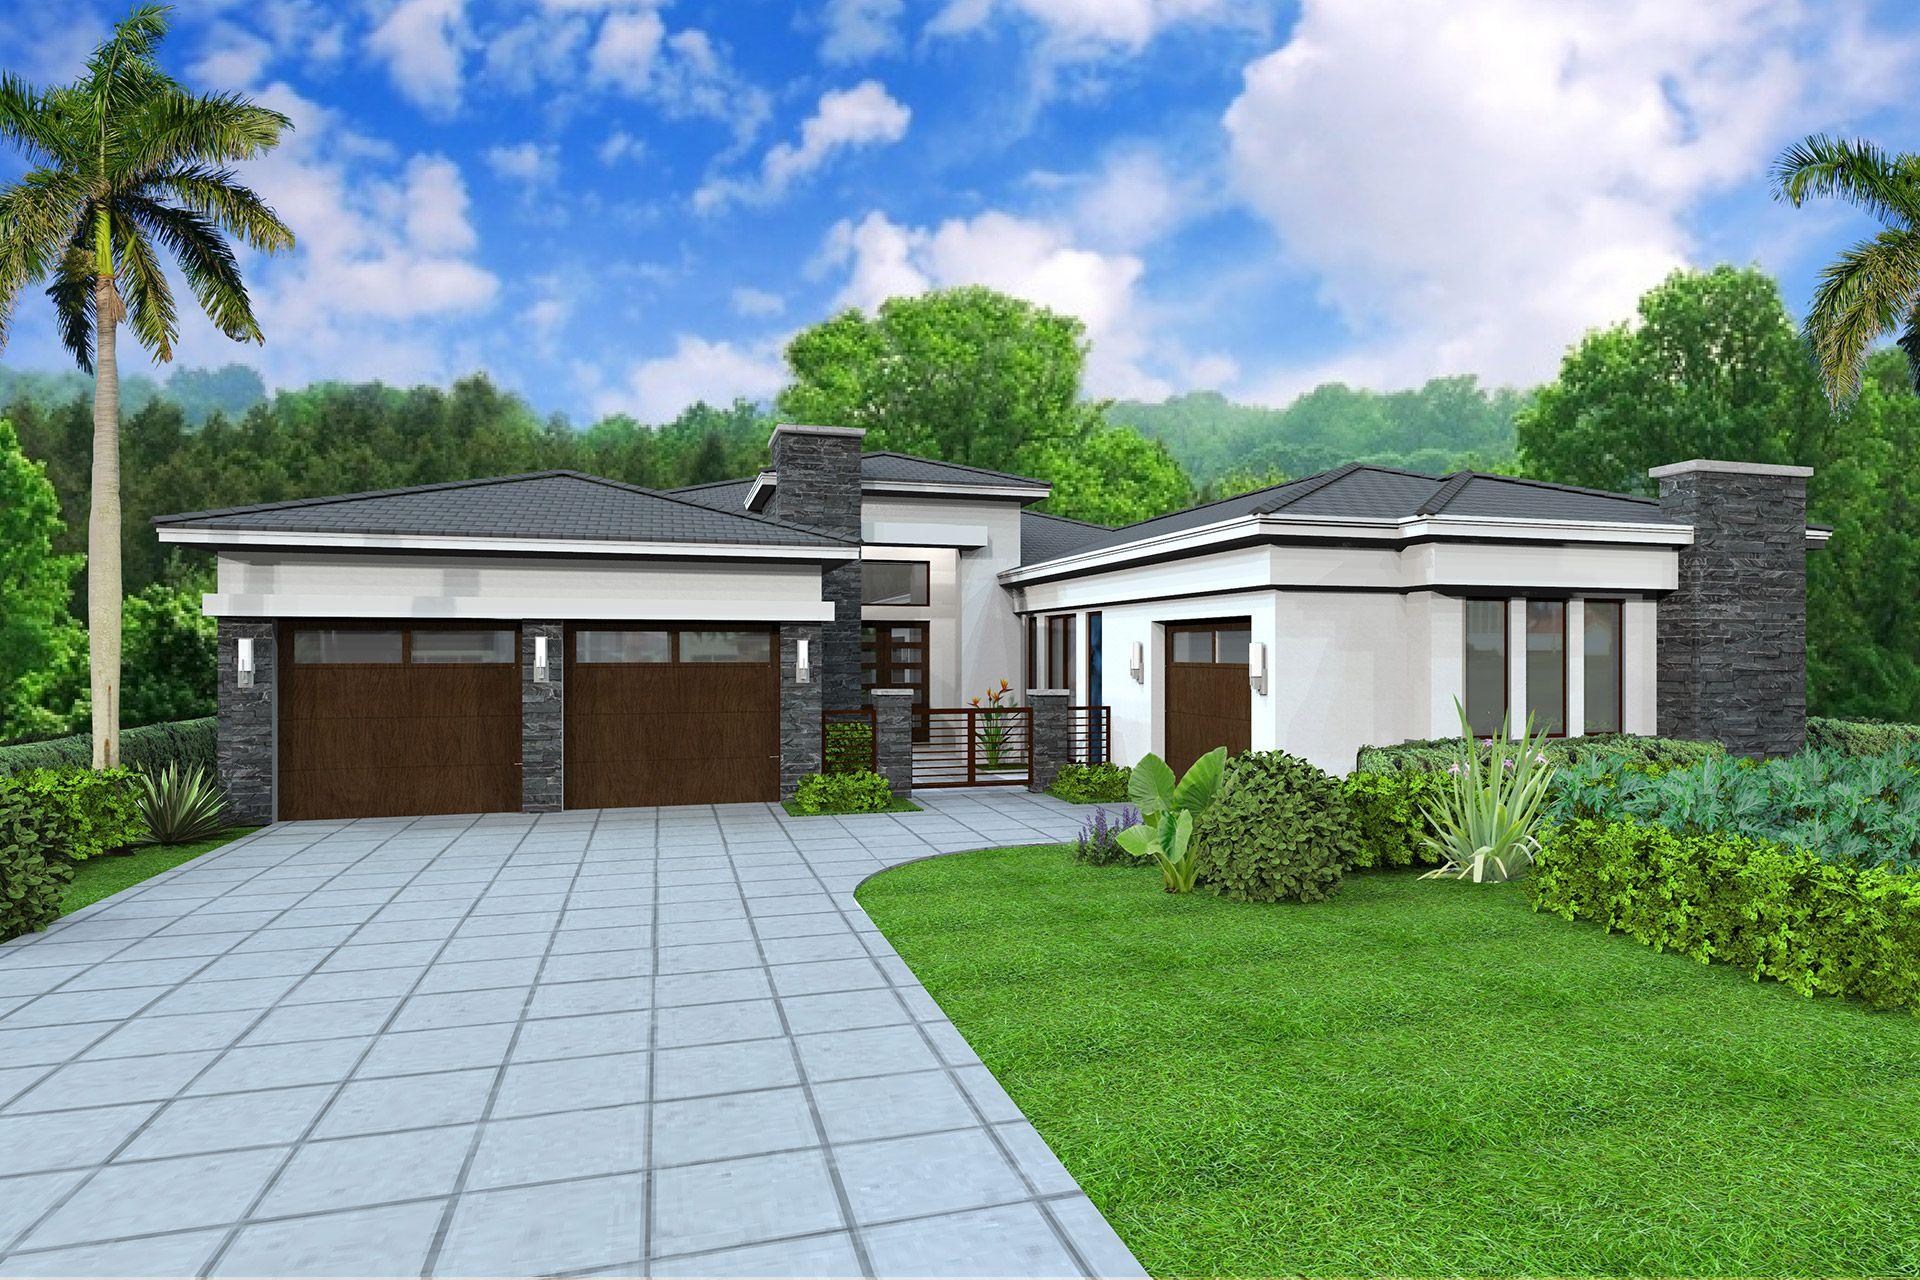 Victoria Contemporary Plan